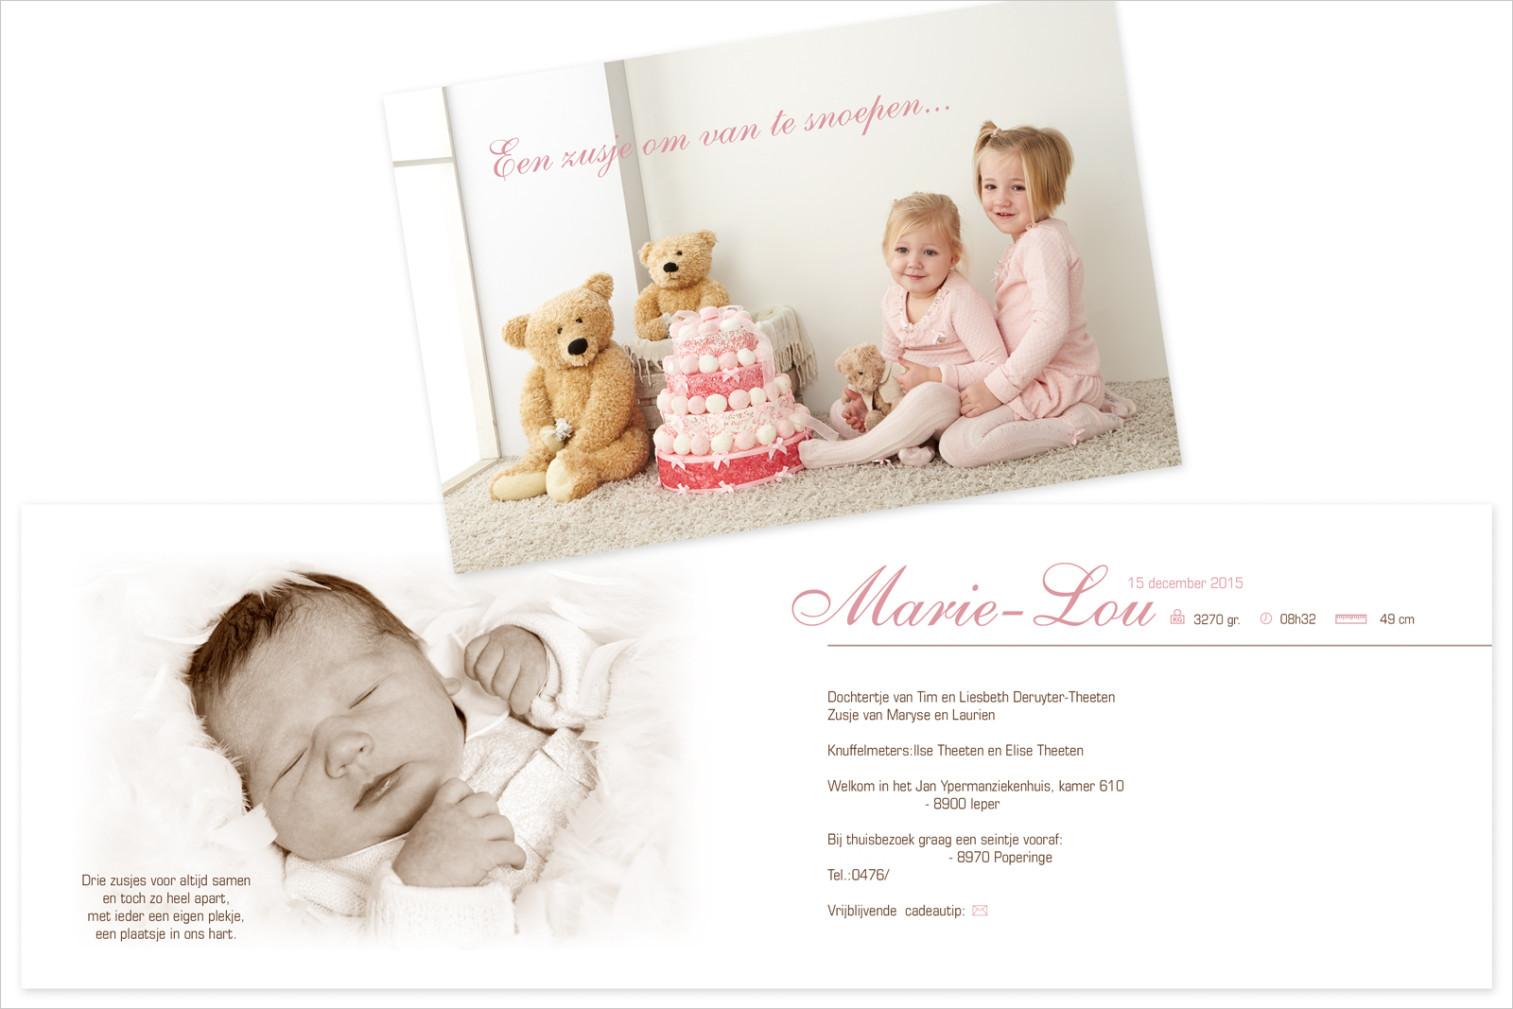 Geboortekaartje met foto van Marie-Lou